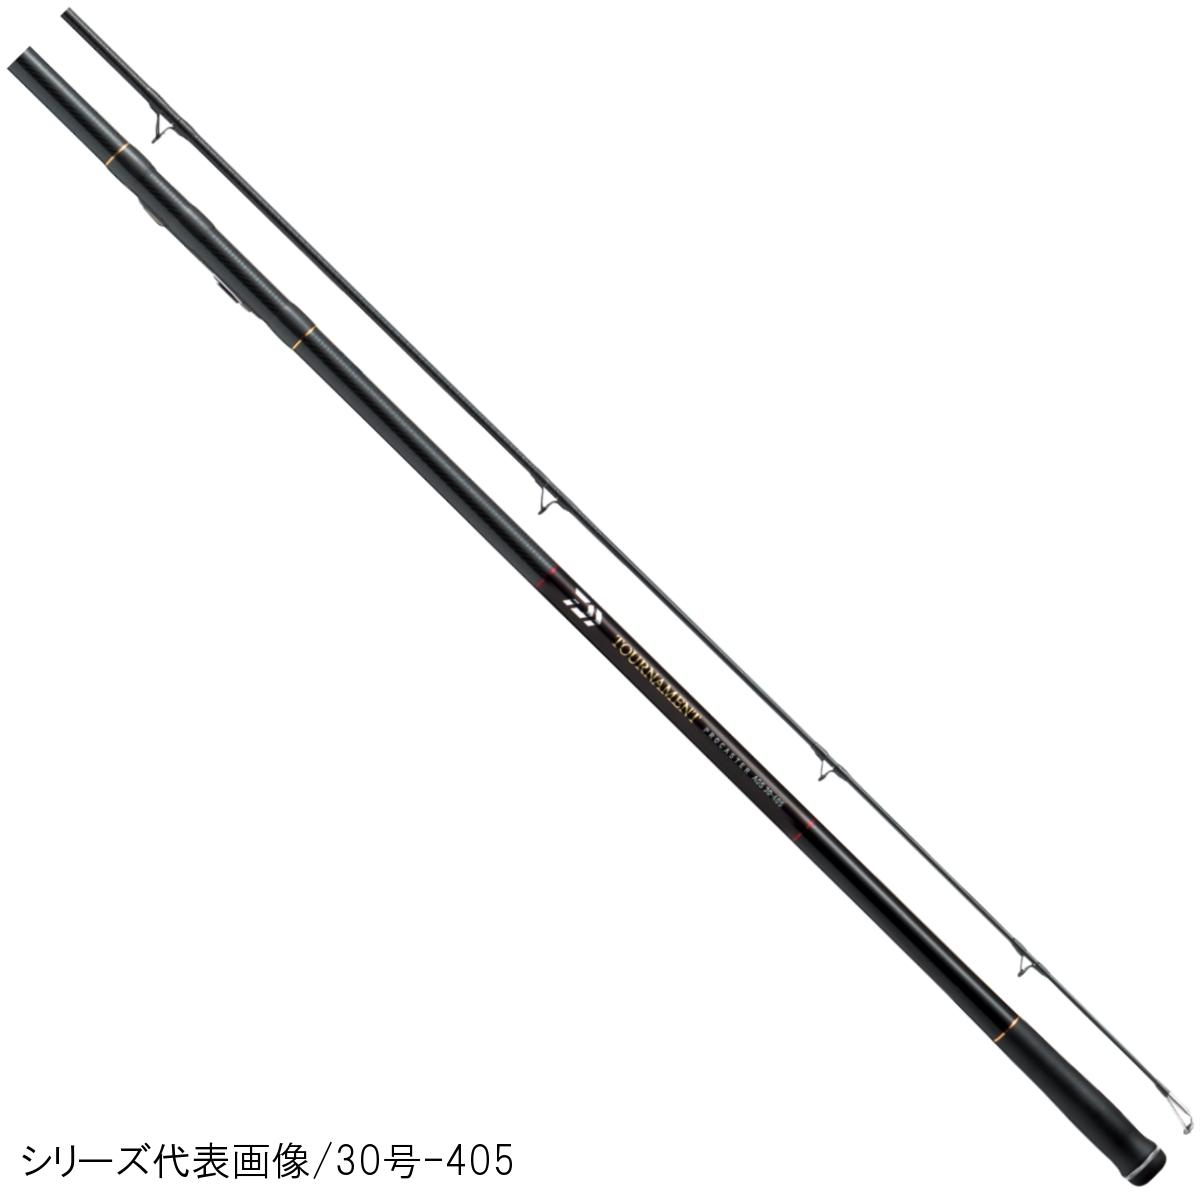 ダイワ トーナメント プロキャスター AGS 33号-405【大型商品】